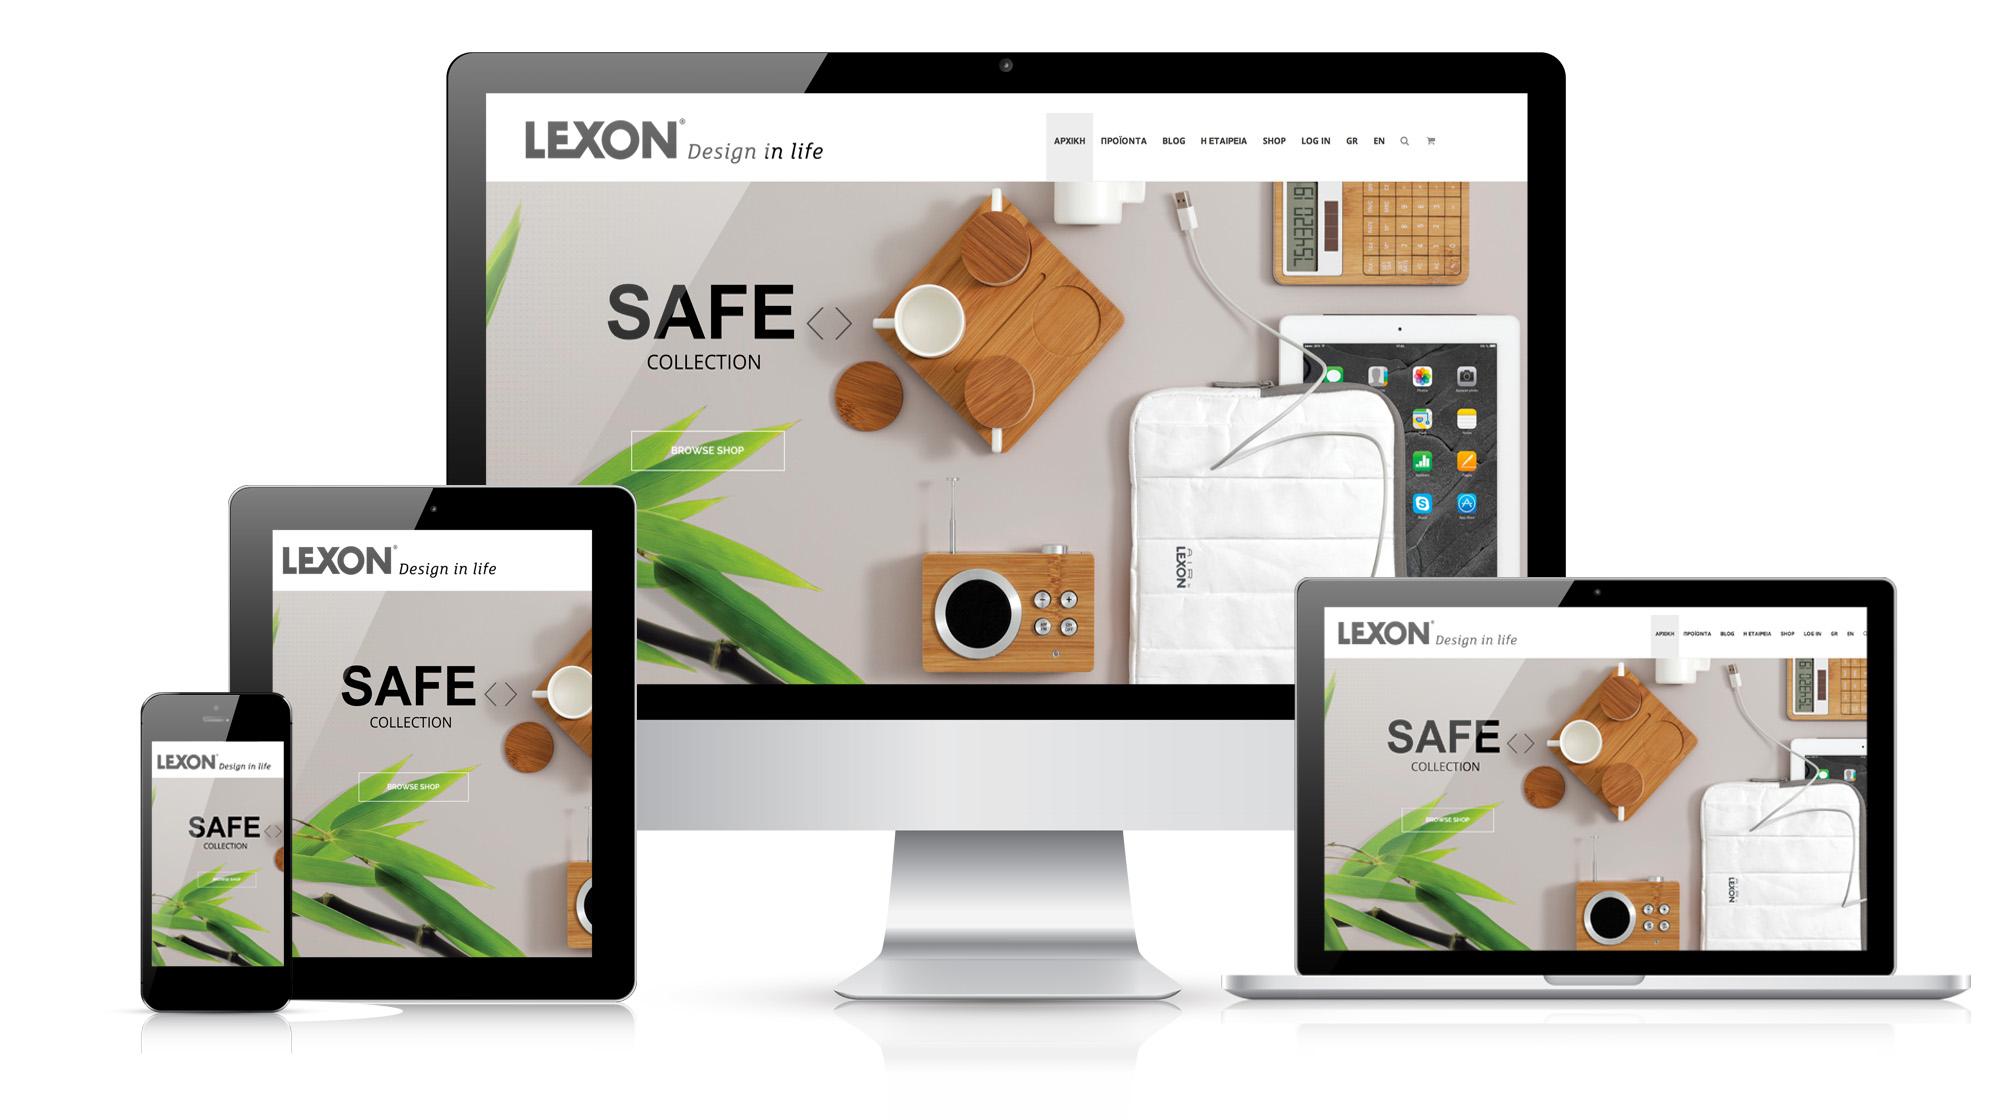 A3-DIGITAL-LEXON-WEBSITE